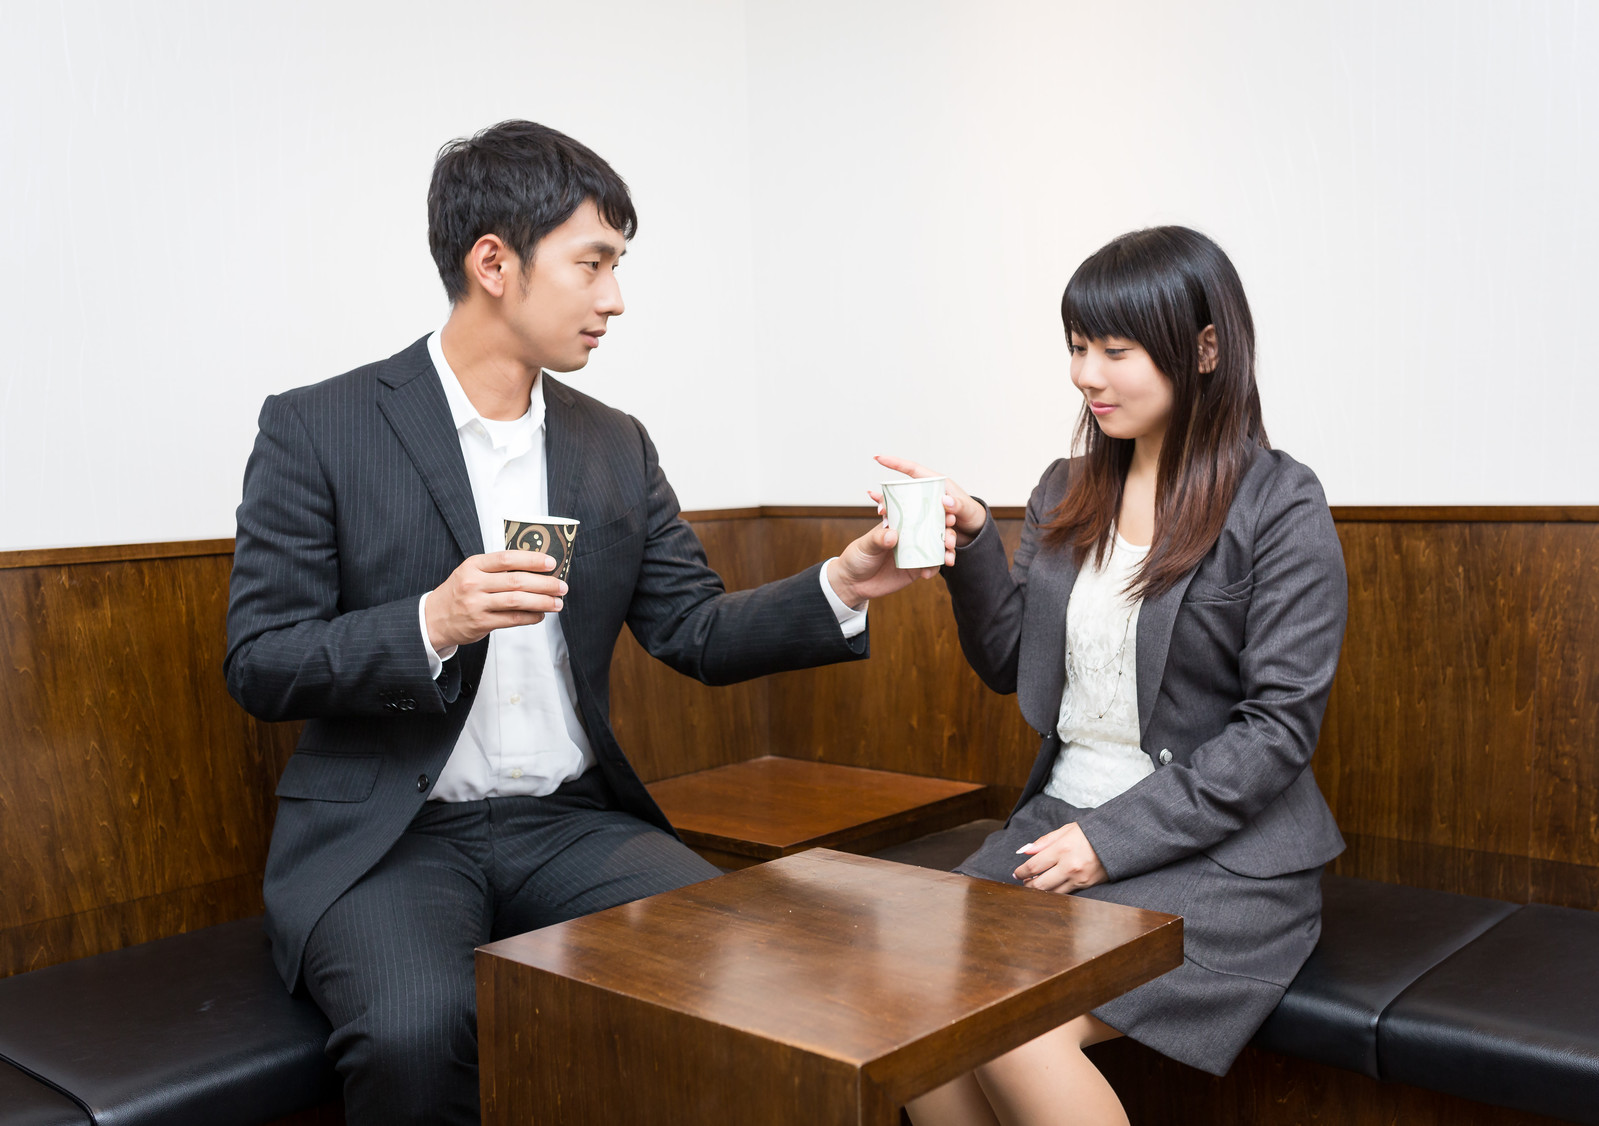 転職後の新しい職場で人間関係が上手くいくか不安なのは仕方ない。でも問題ない人がほとんど。